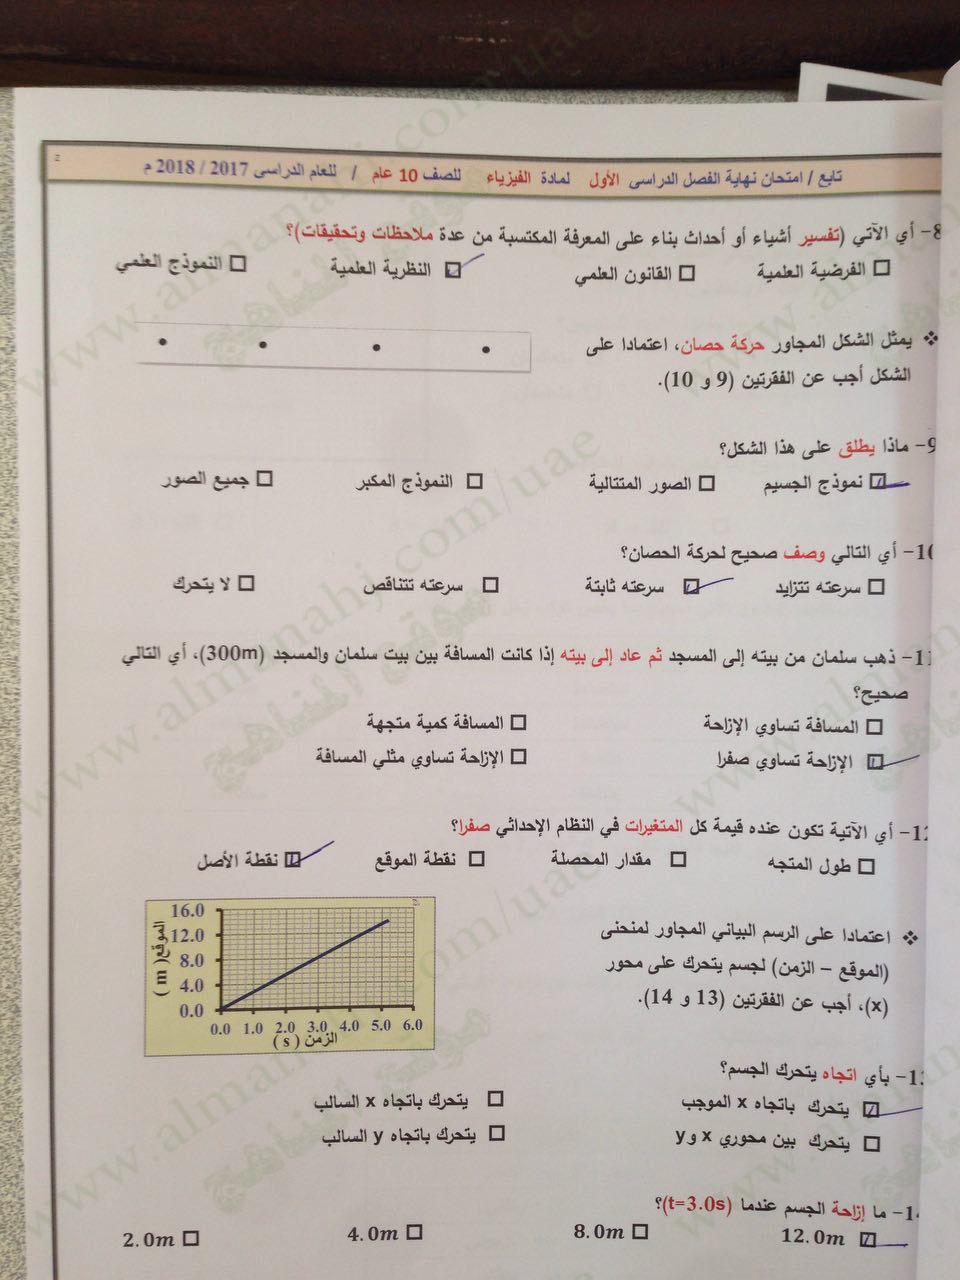 تحميل كتاب الامتحان فى الفيزياء للصف الثانى الثانوى 2017 pdf